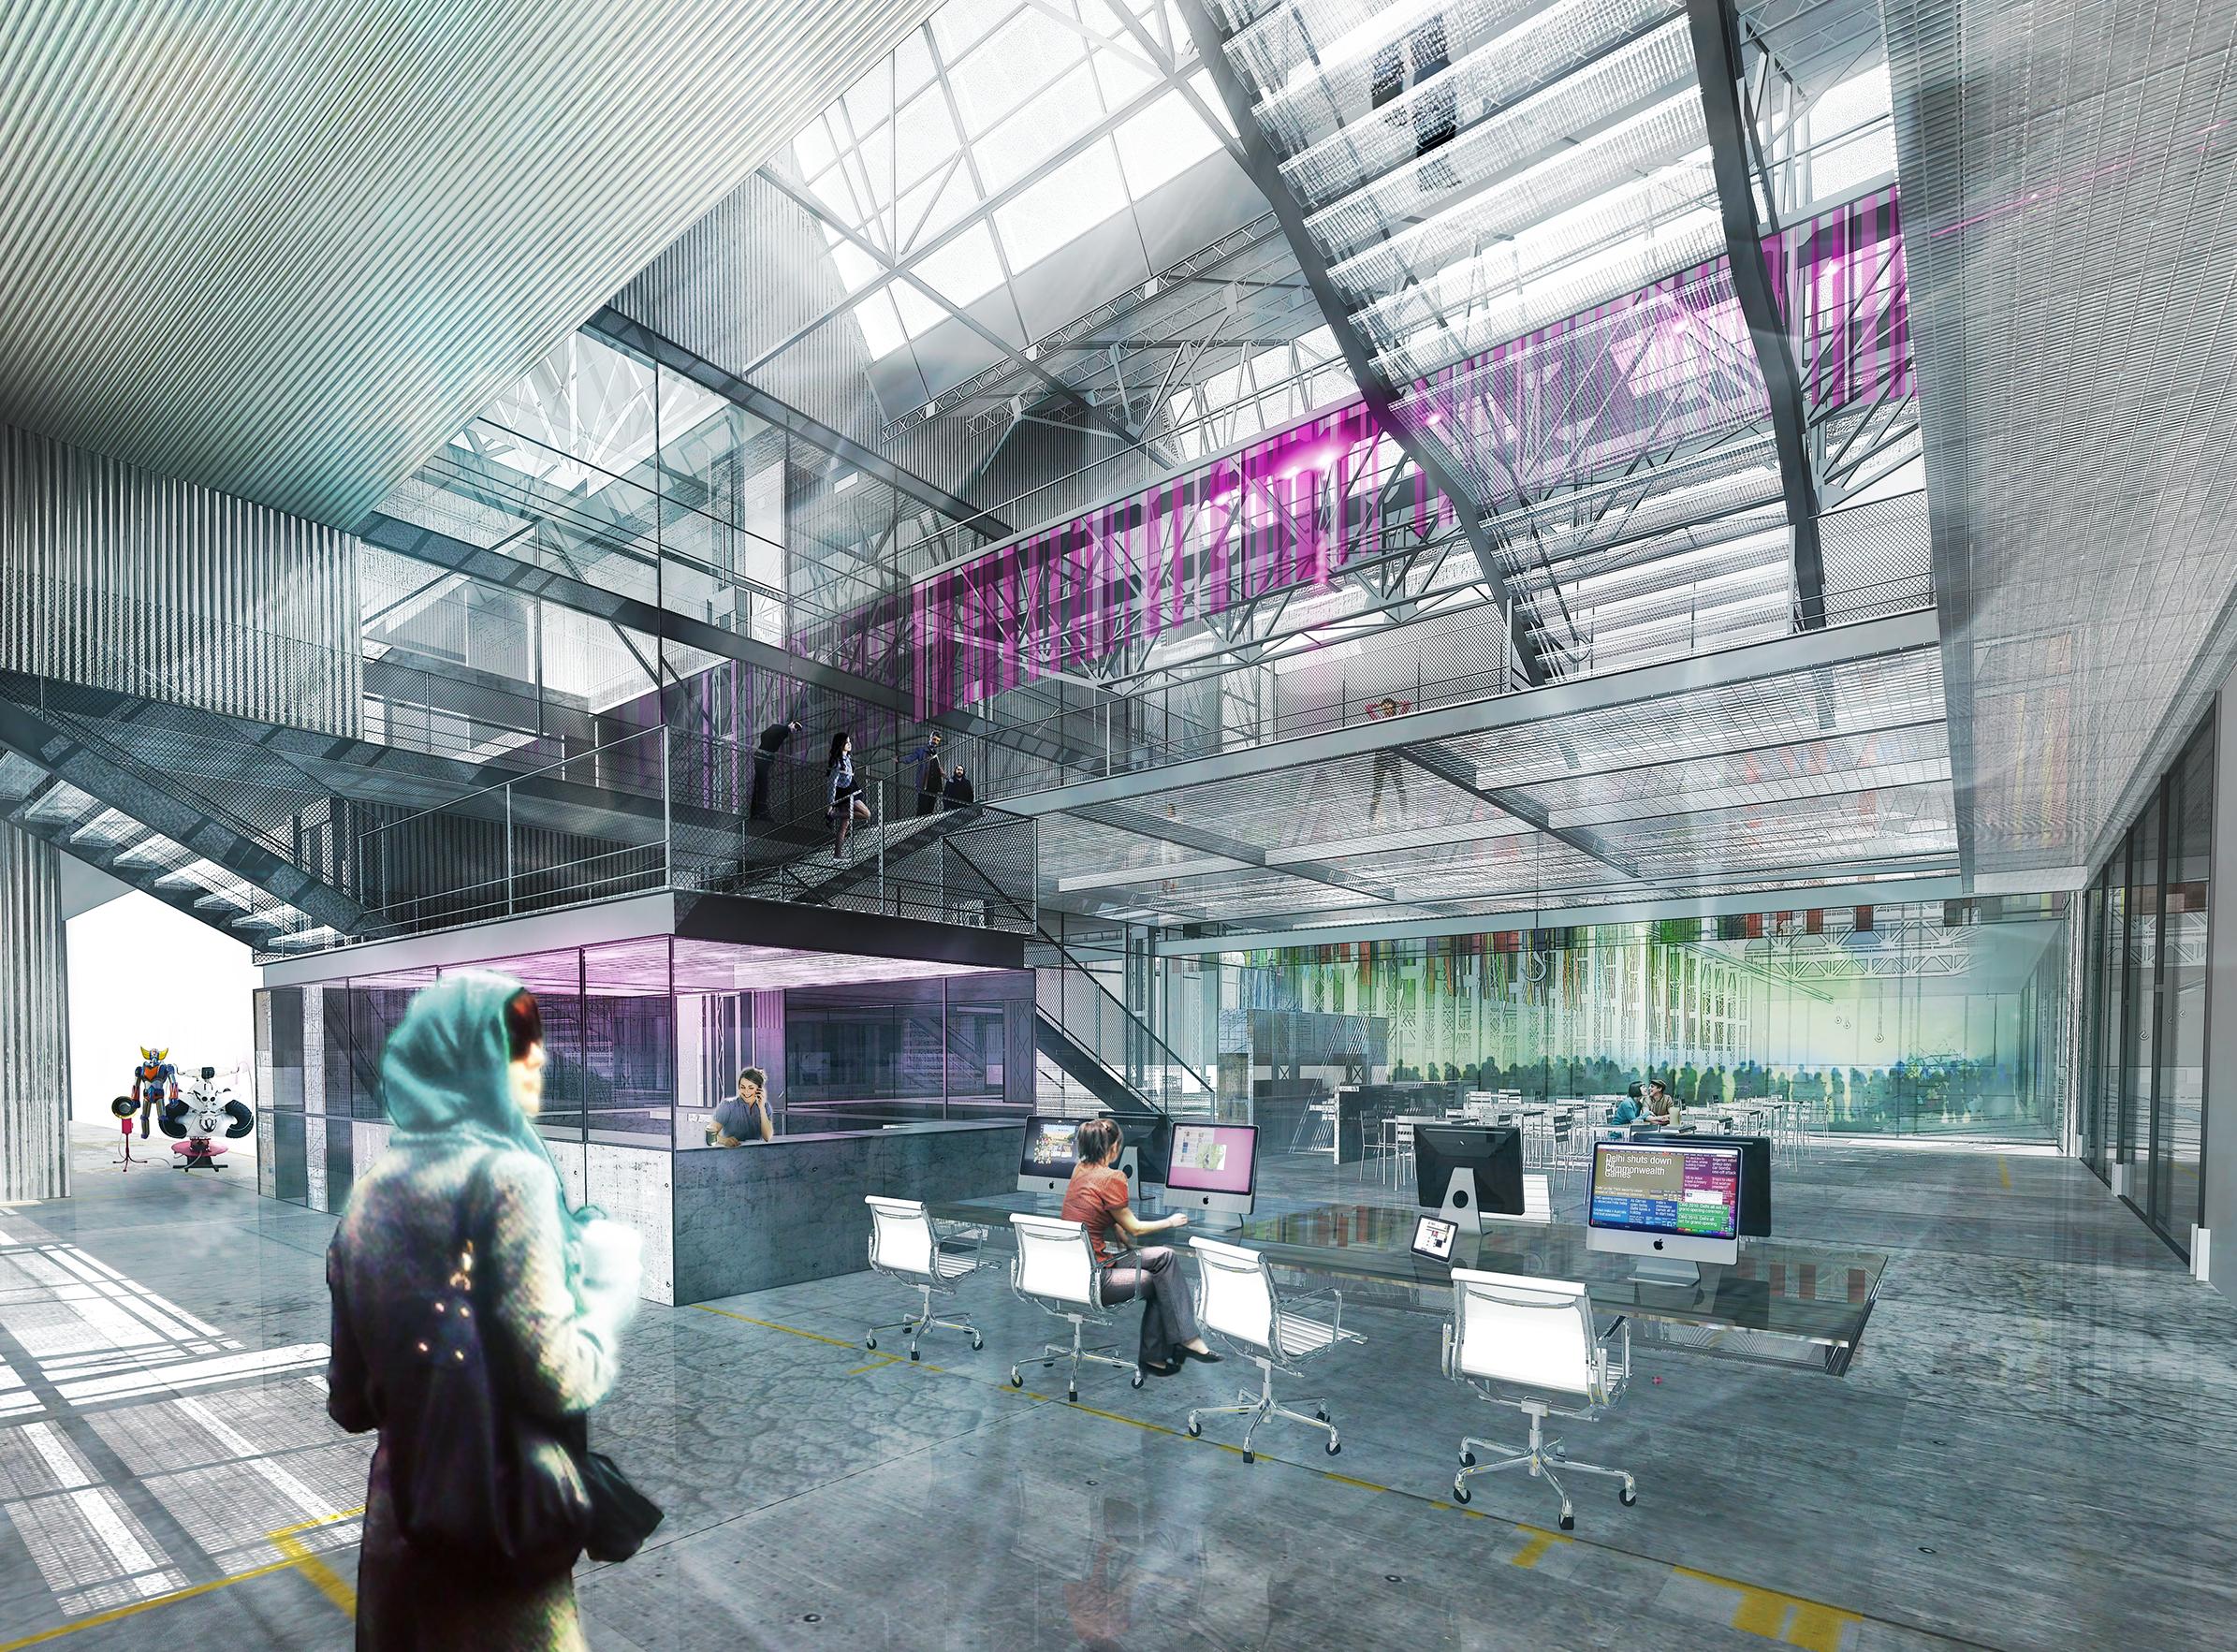 Halles Alstom - 04 - Équipements Bureau - Caractère Spécial - Matthieu Poitevin Architecture